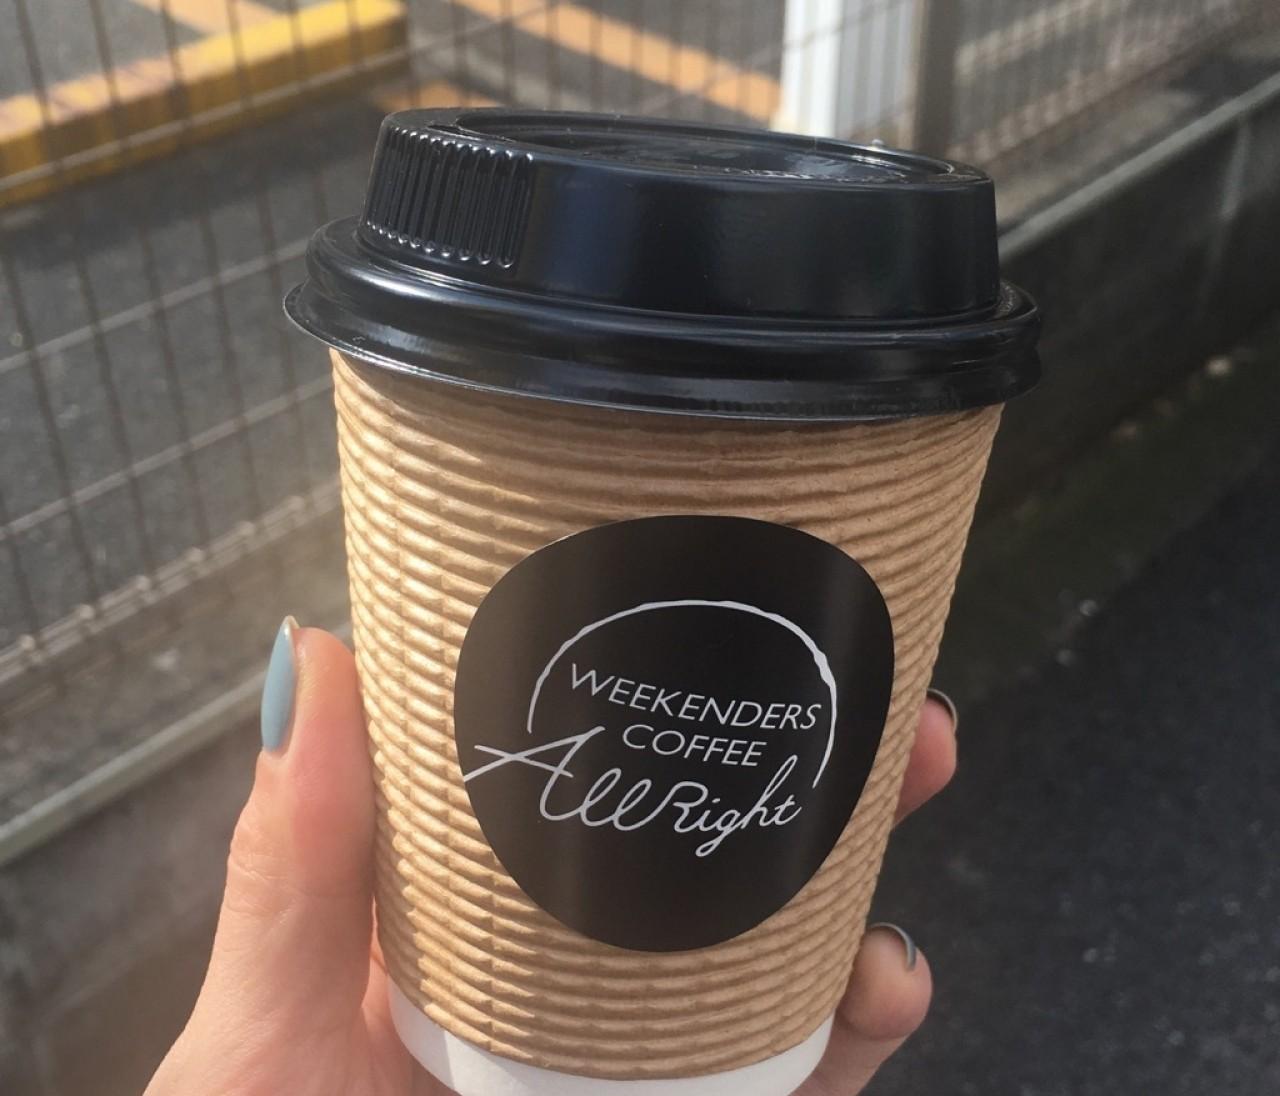 東京珈琲が楽しい!その1【神楽坂・WEEKENDERS COFFEE All Right】